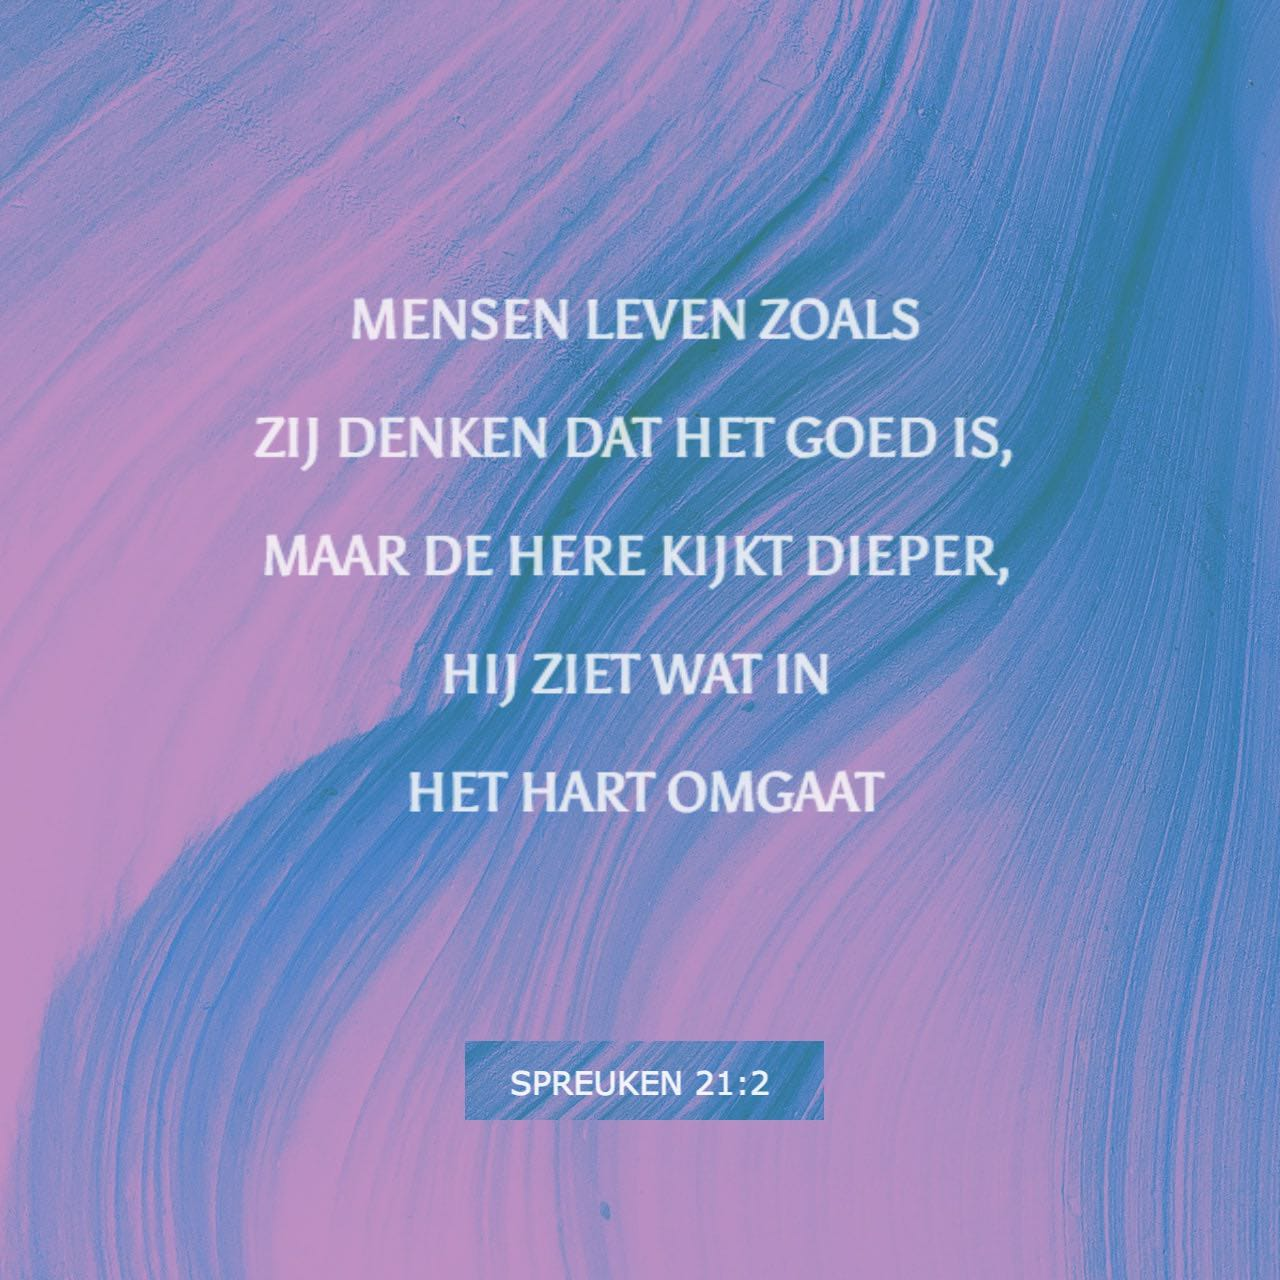 spreuken 21 Spreuken 21:2 3 HTB; Mensen leven zoals zij denken dat het goed is  spreuken 21